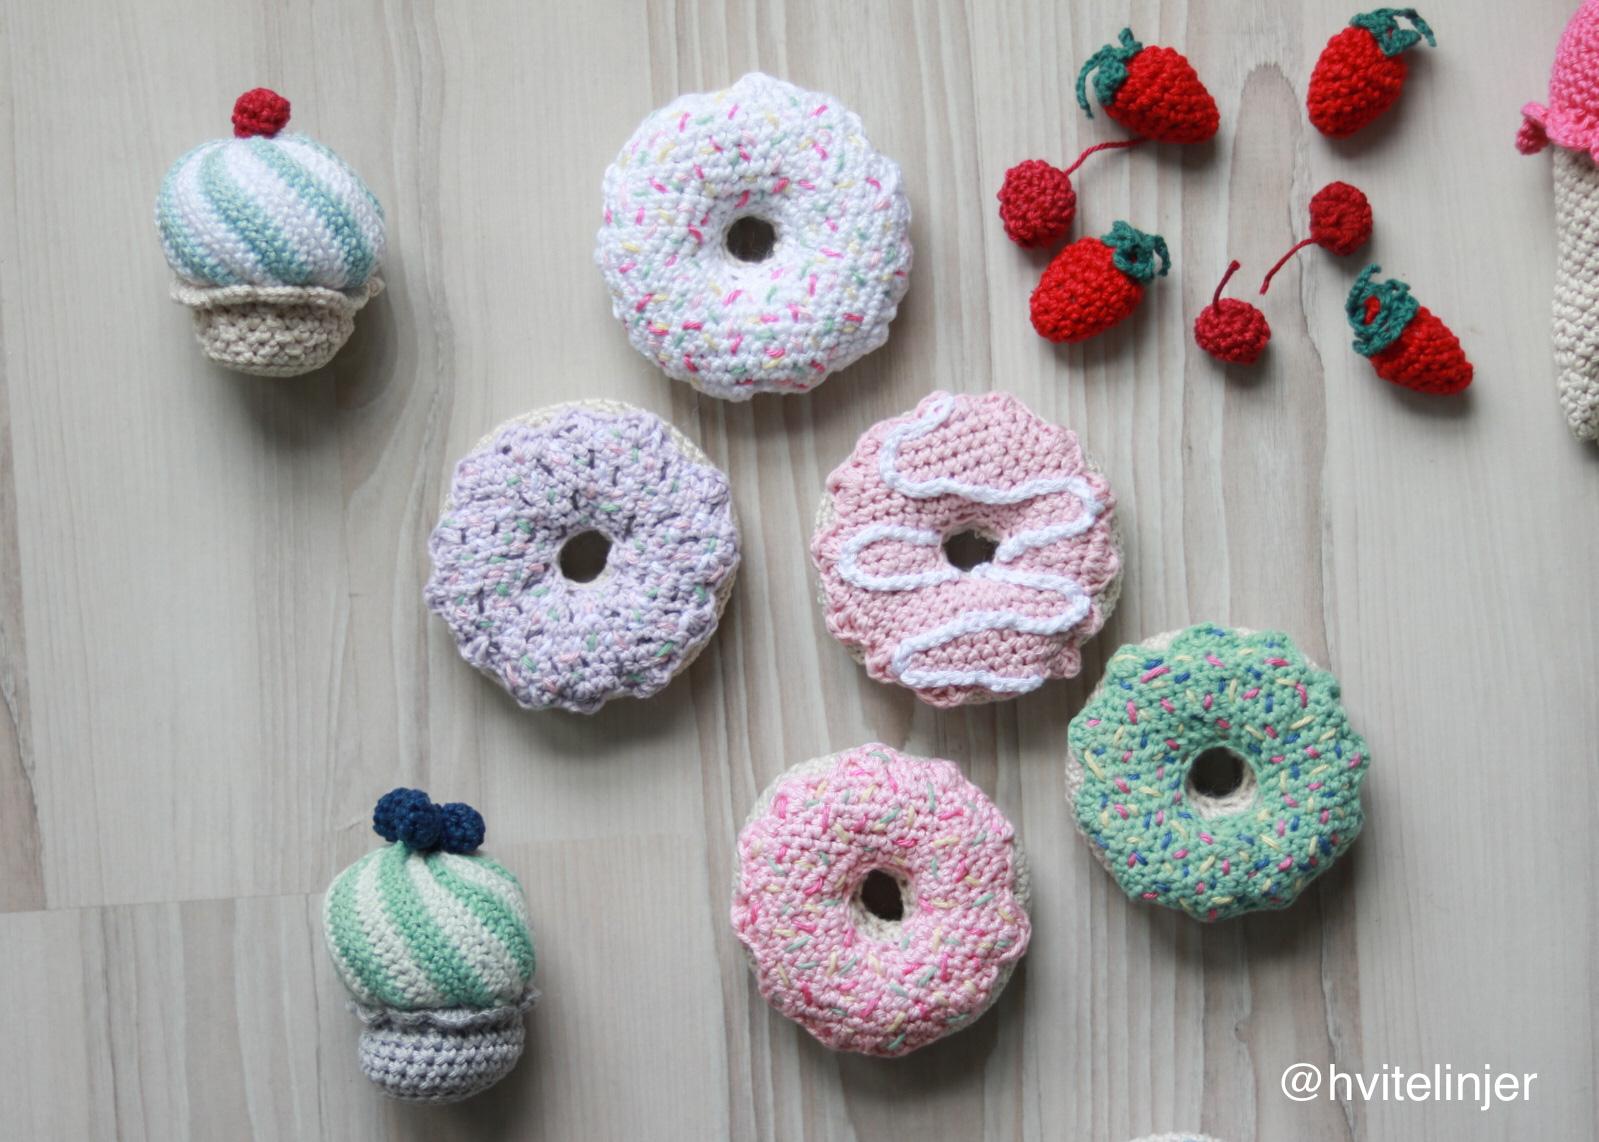 hekle donut - hvitelinjer